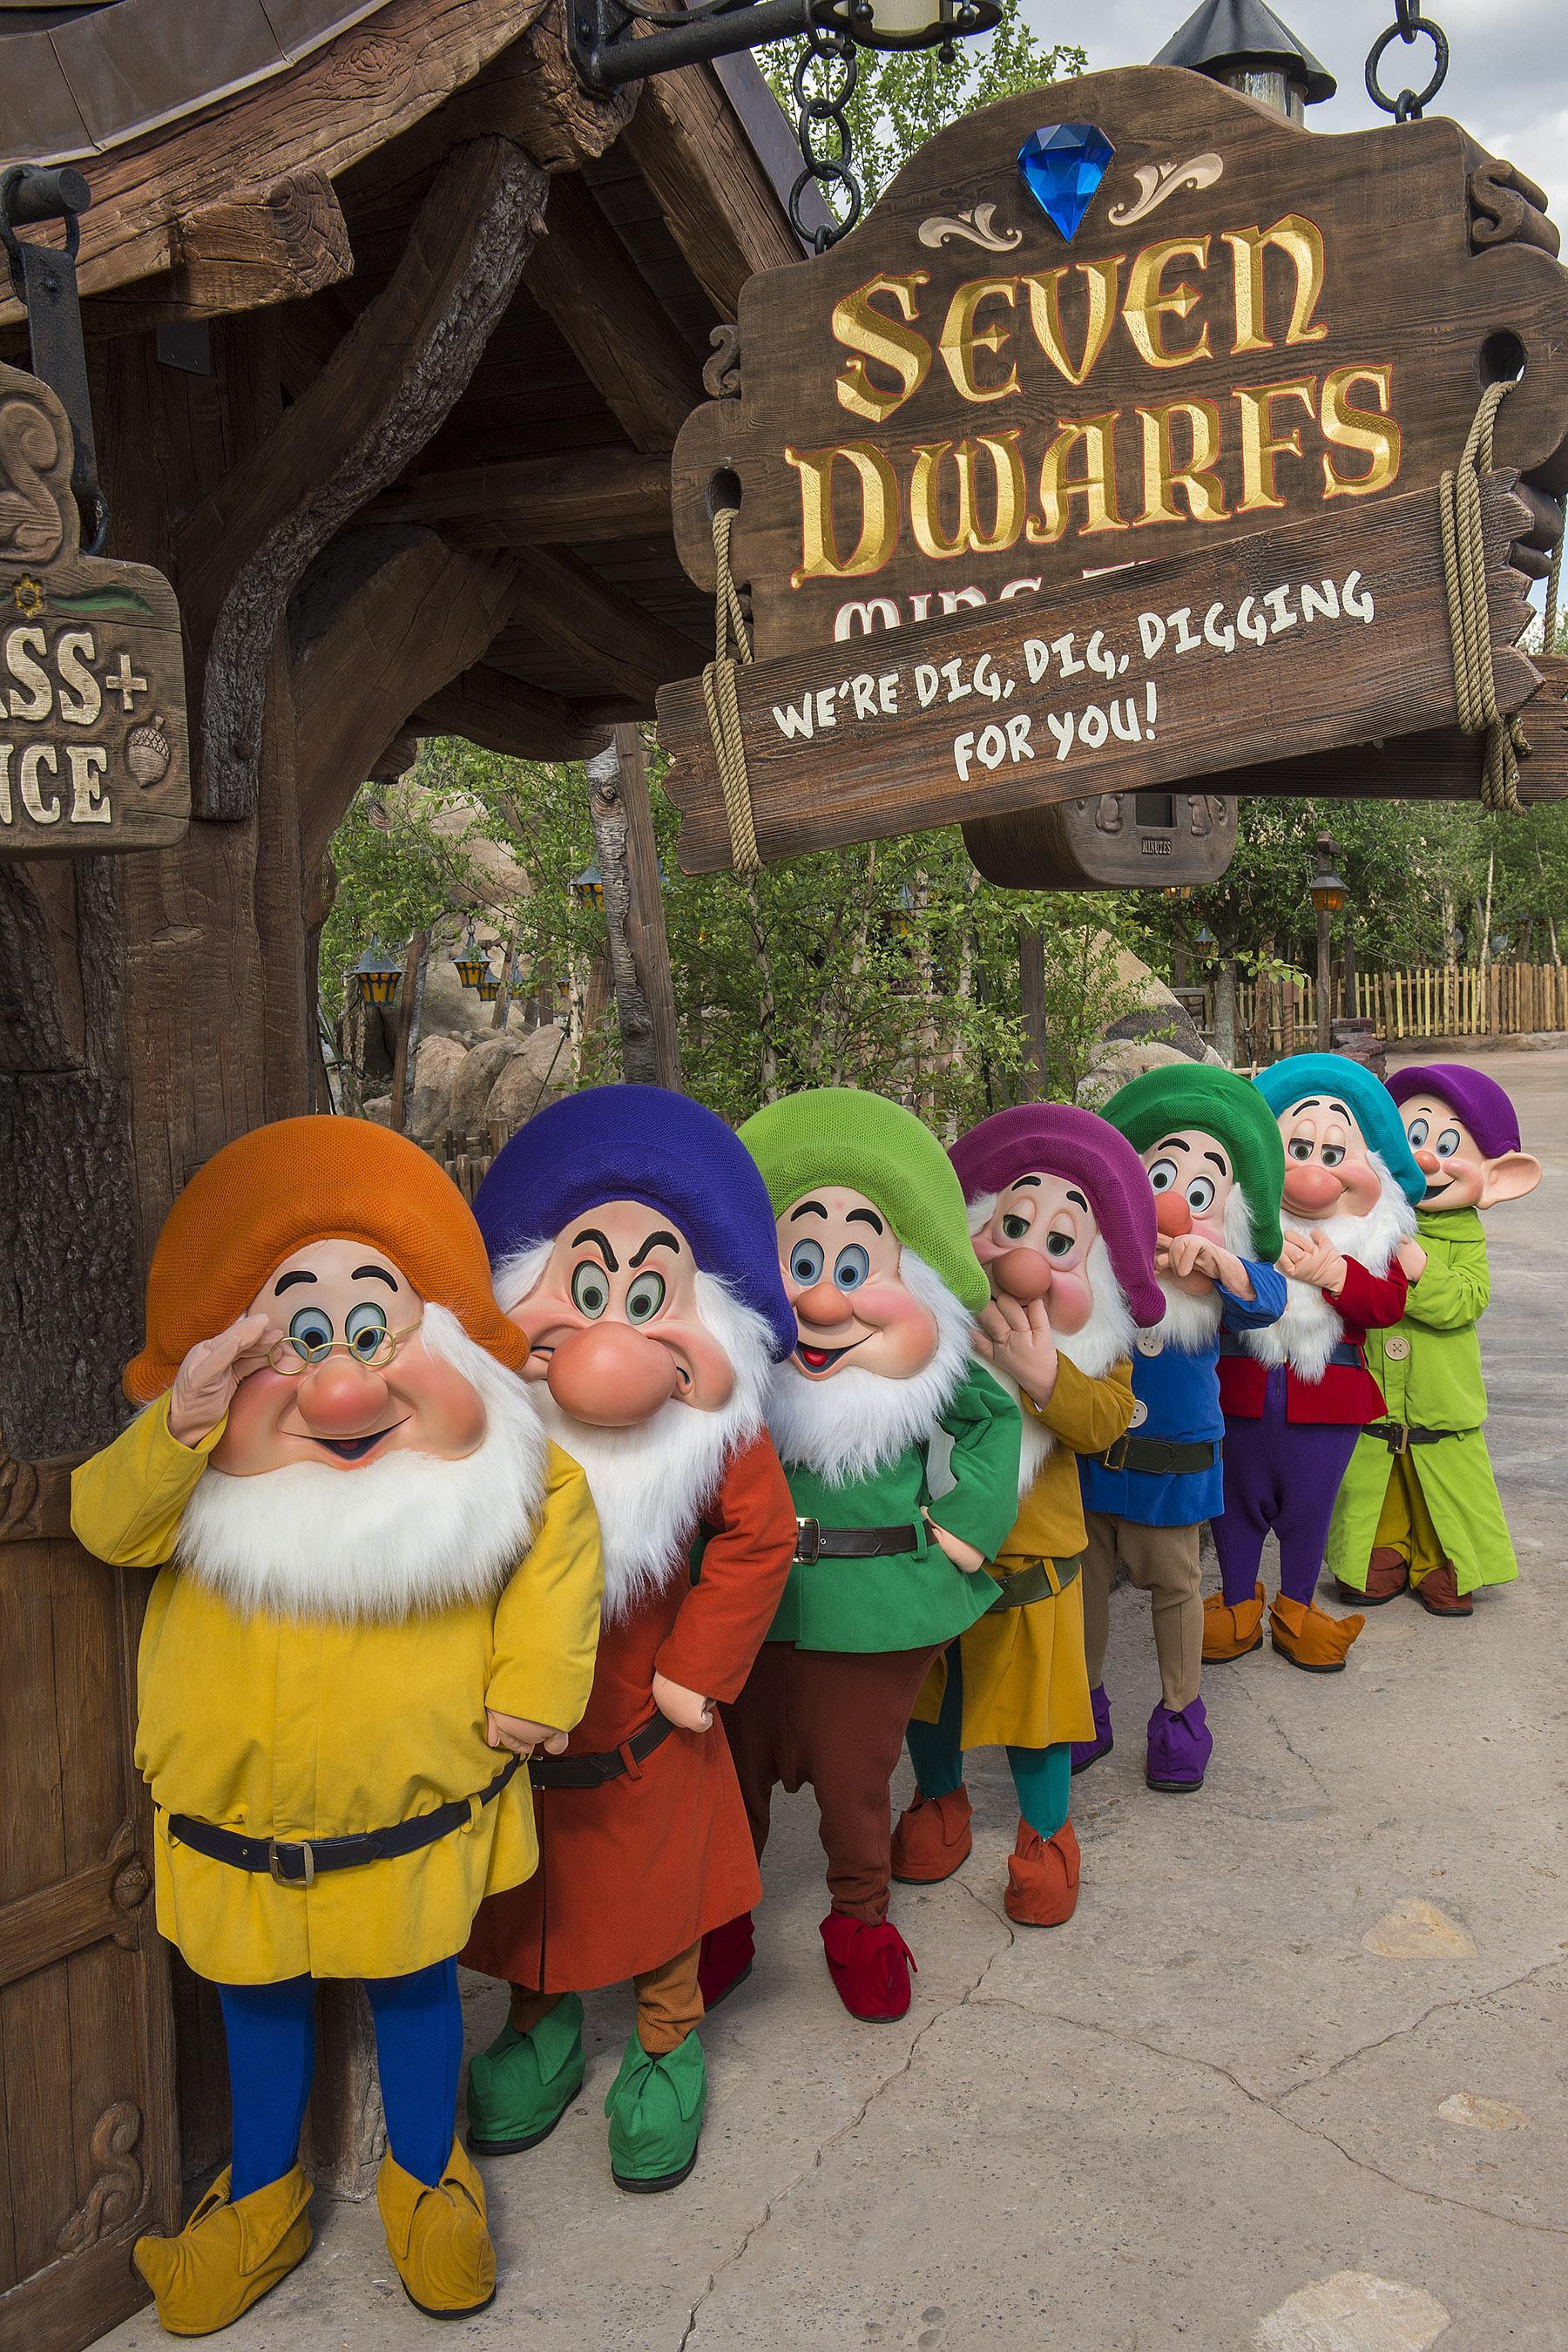 7 dwarfs mine train video